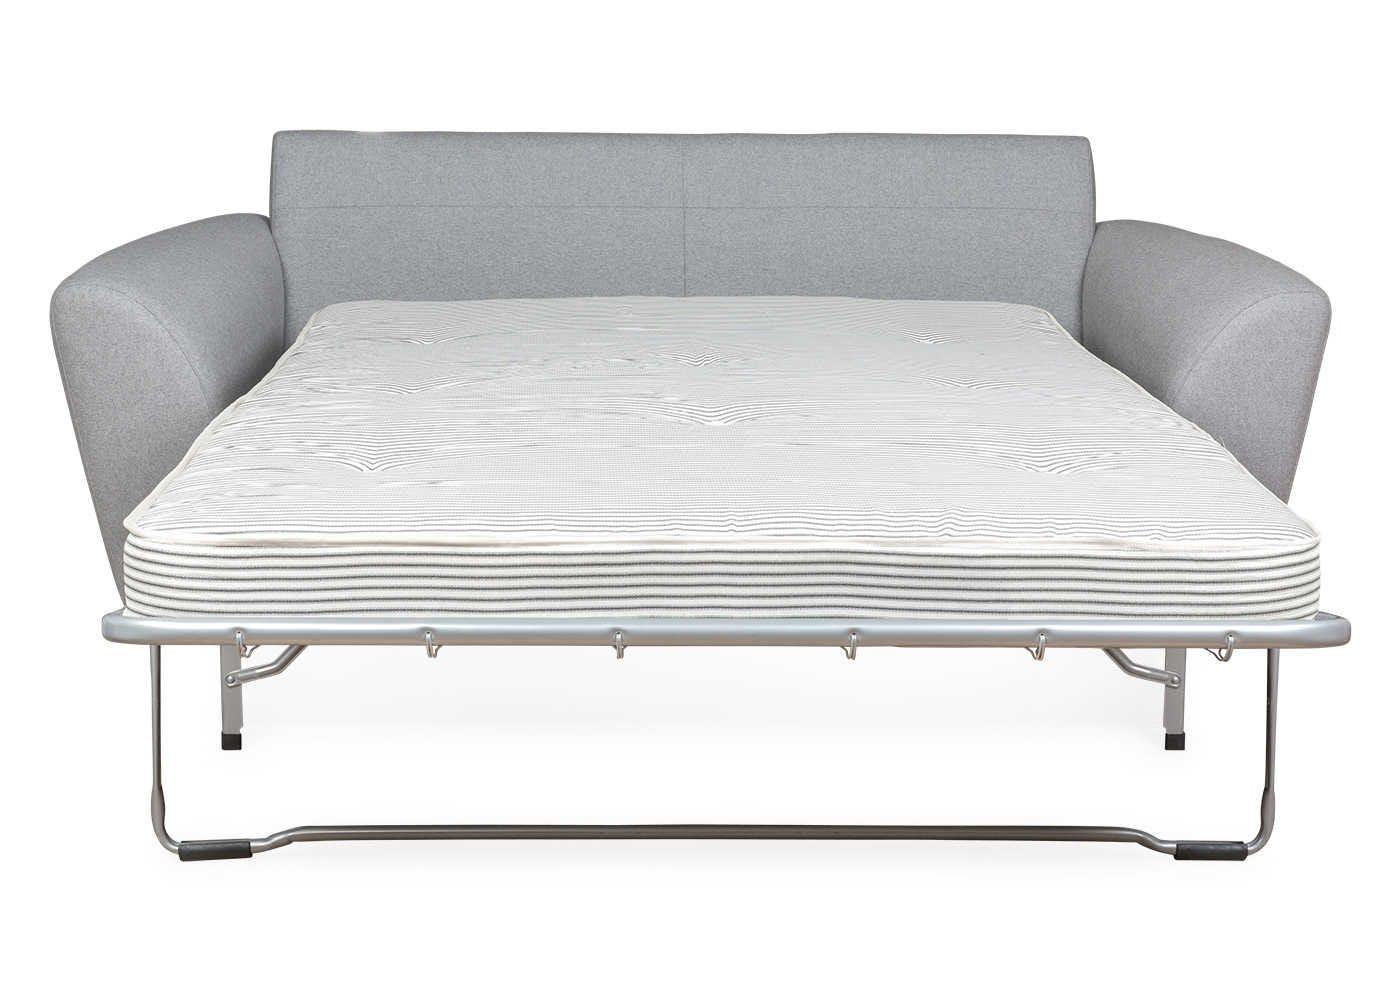 Heal39s snooze sofa bed heals for Heals sofa bed